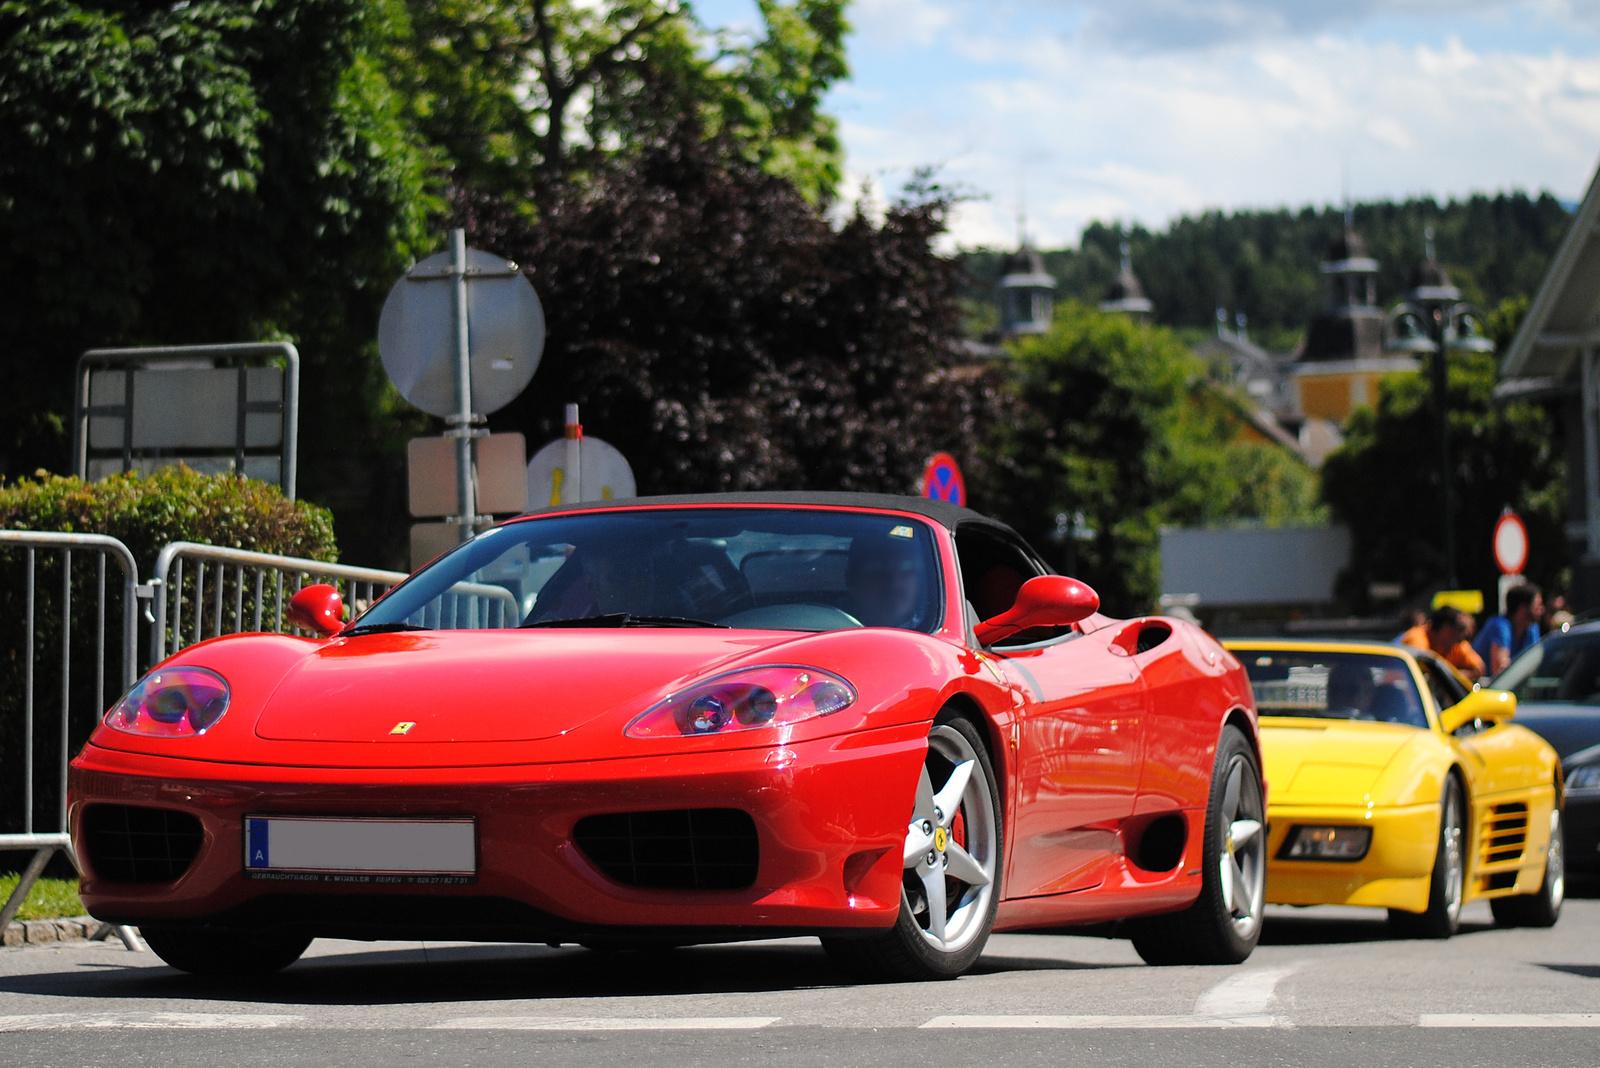 Ferrari 360 Spider - Ferrari 348 TS